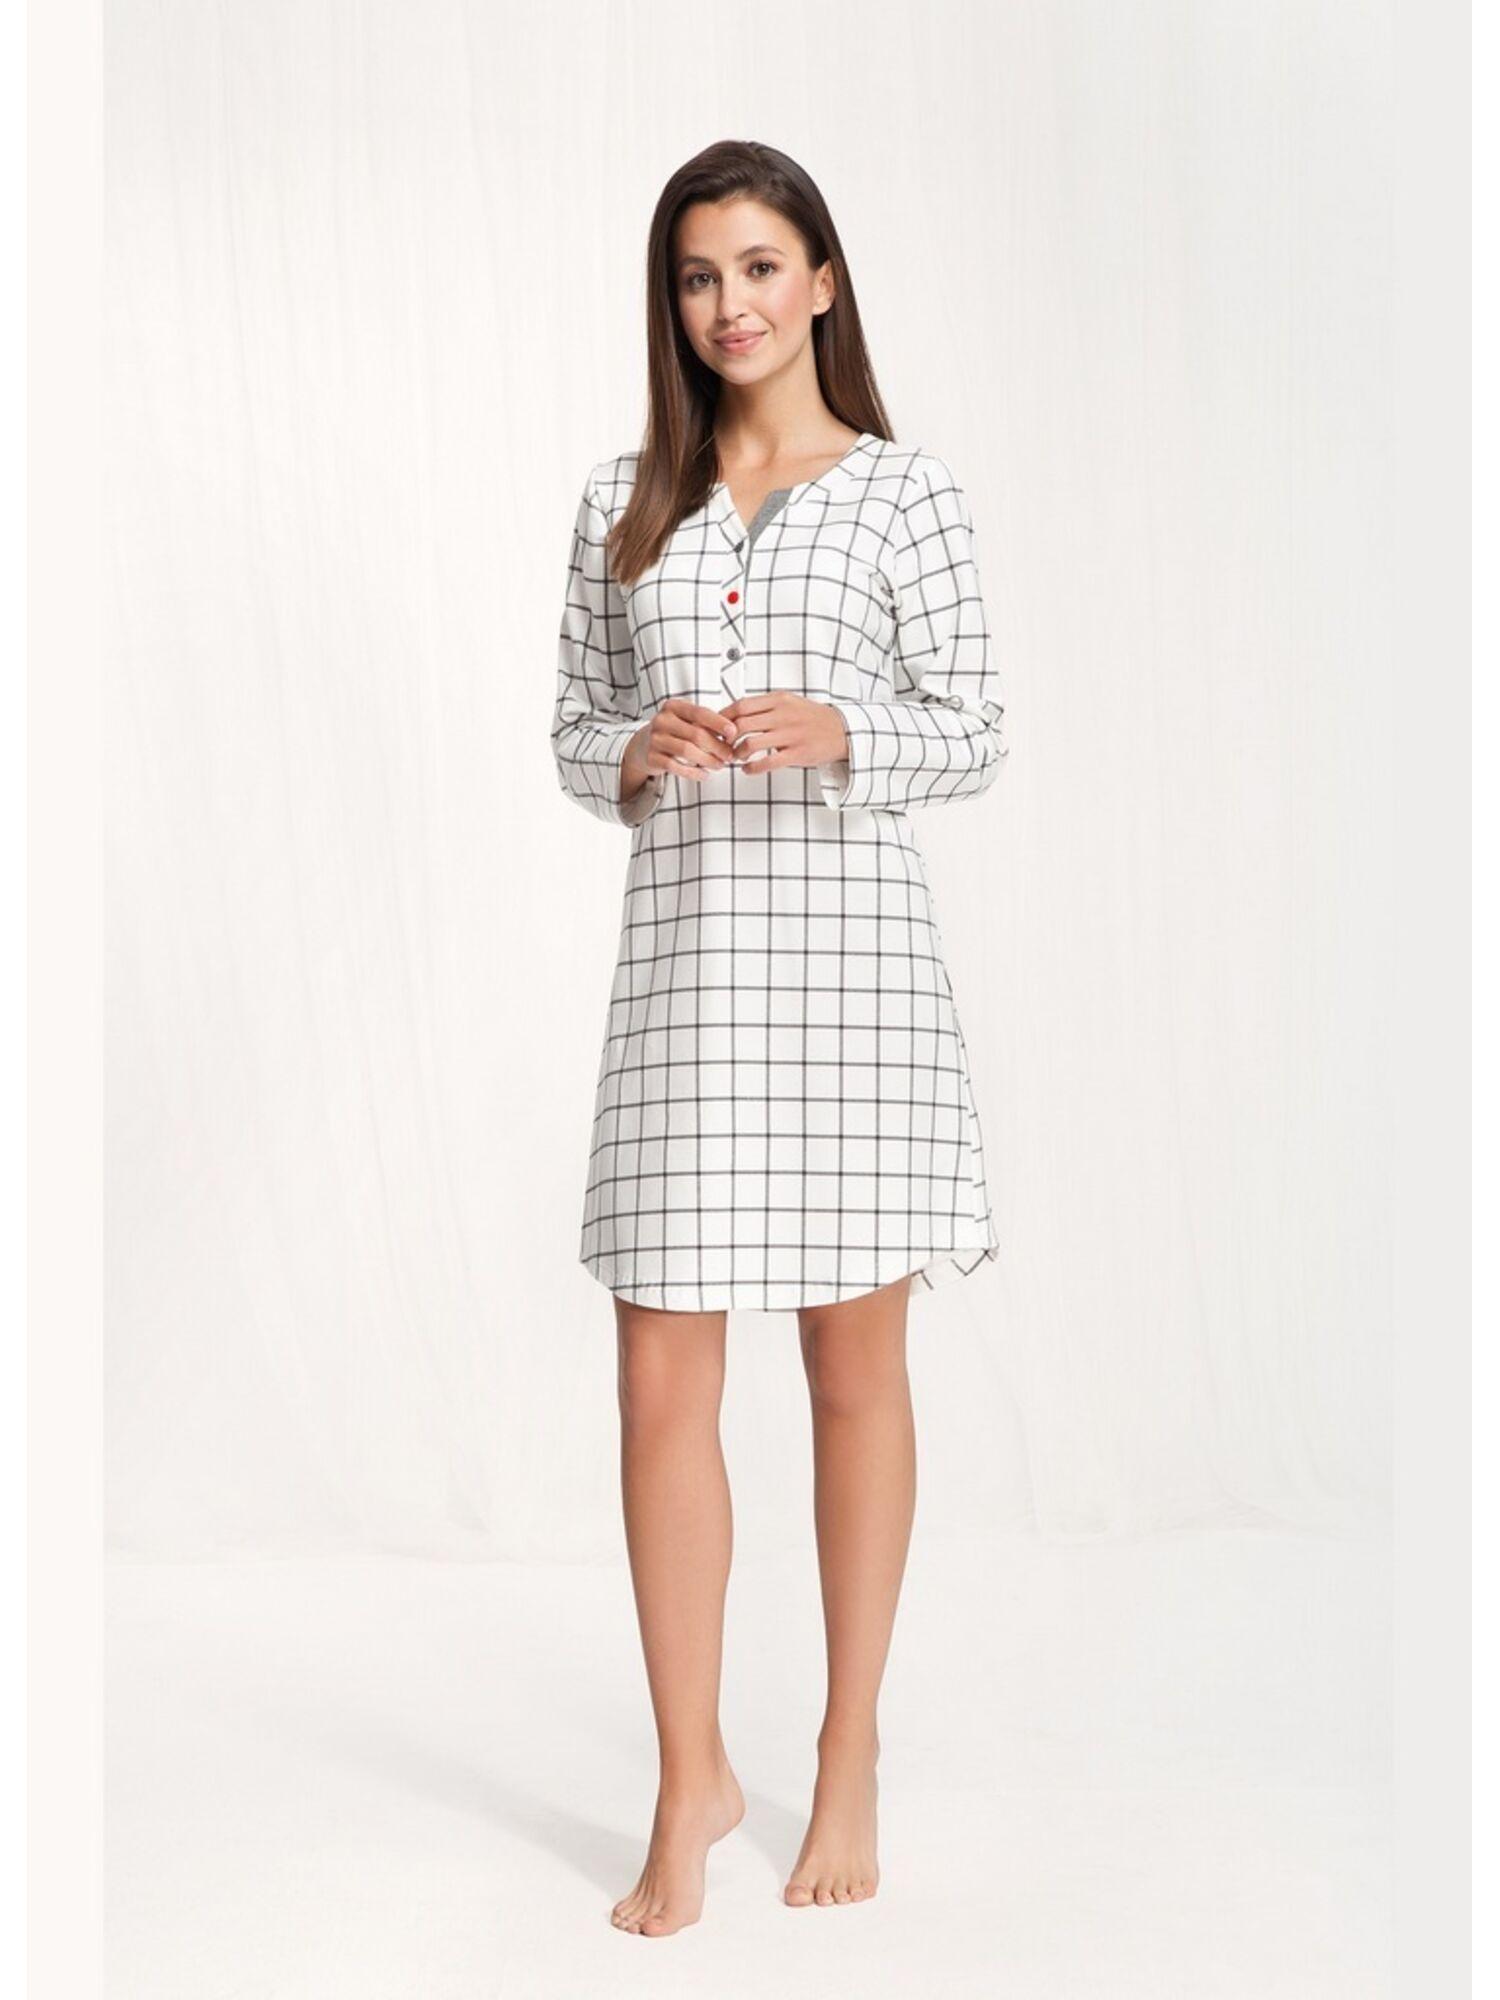 Сорочка женская длинная 070, белый, LUNA